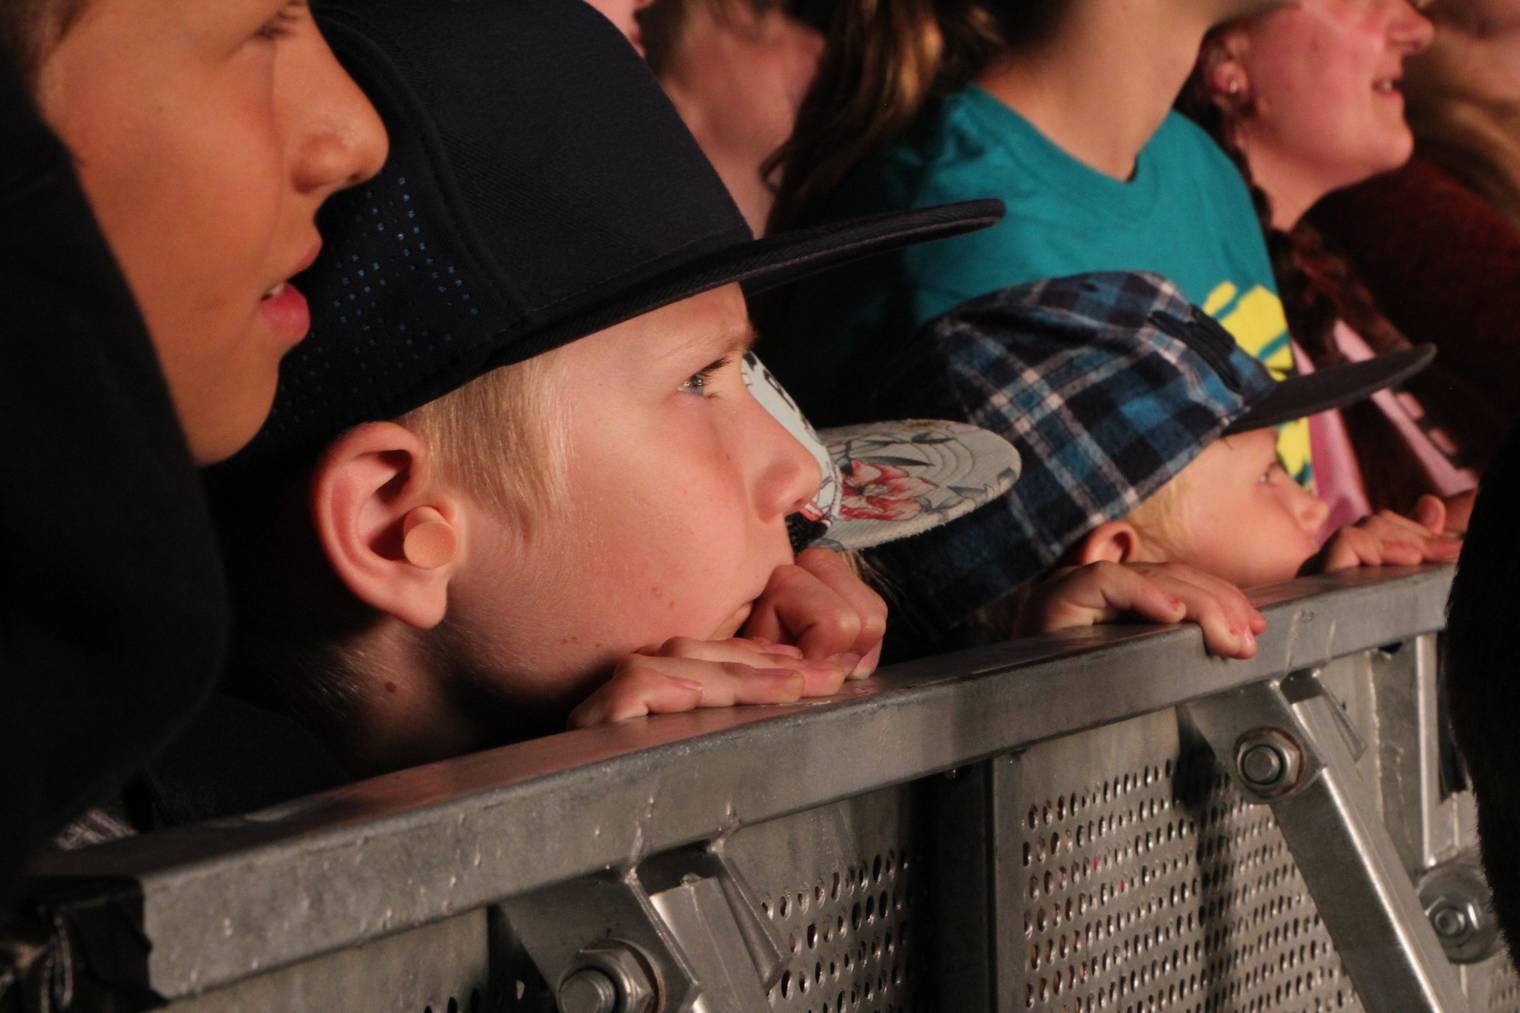 Auch beim Hecht Konzert waren die Kinder in der ersten Reihe. (Bild: Lara Abderhalden)